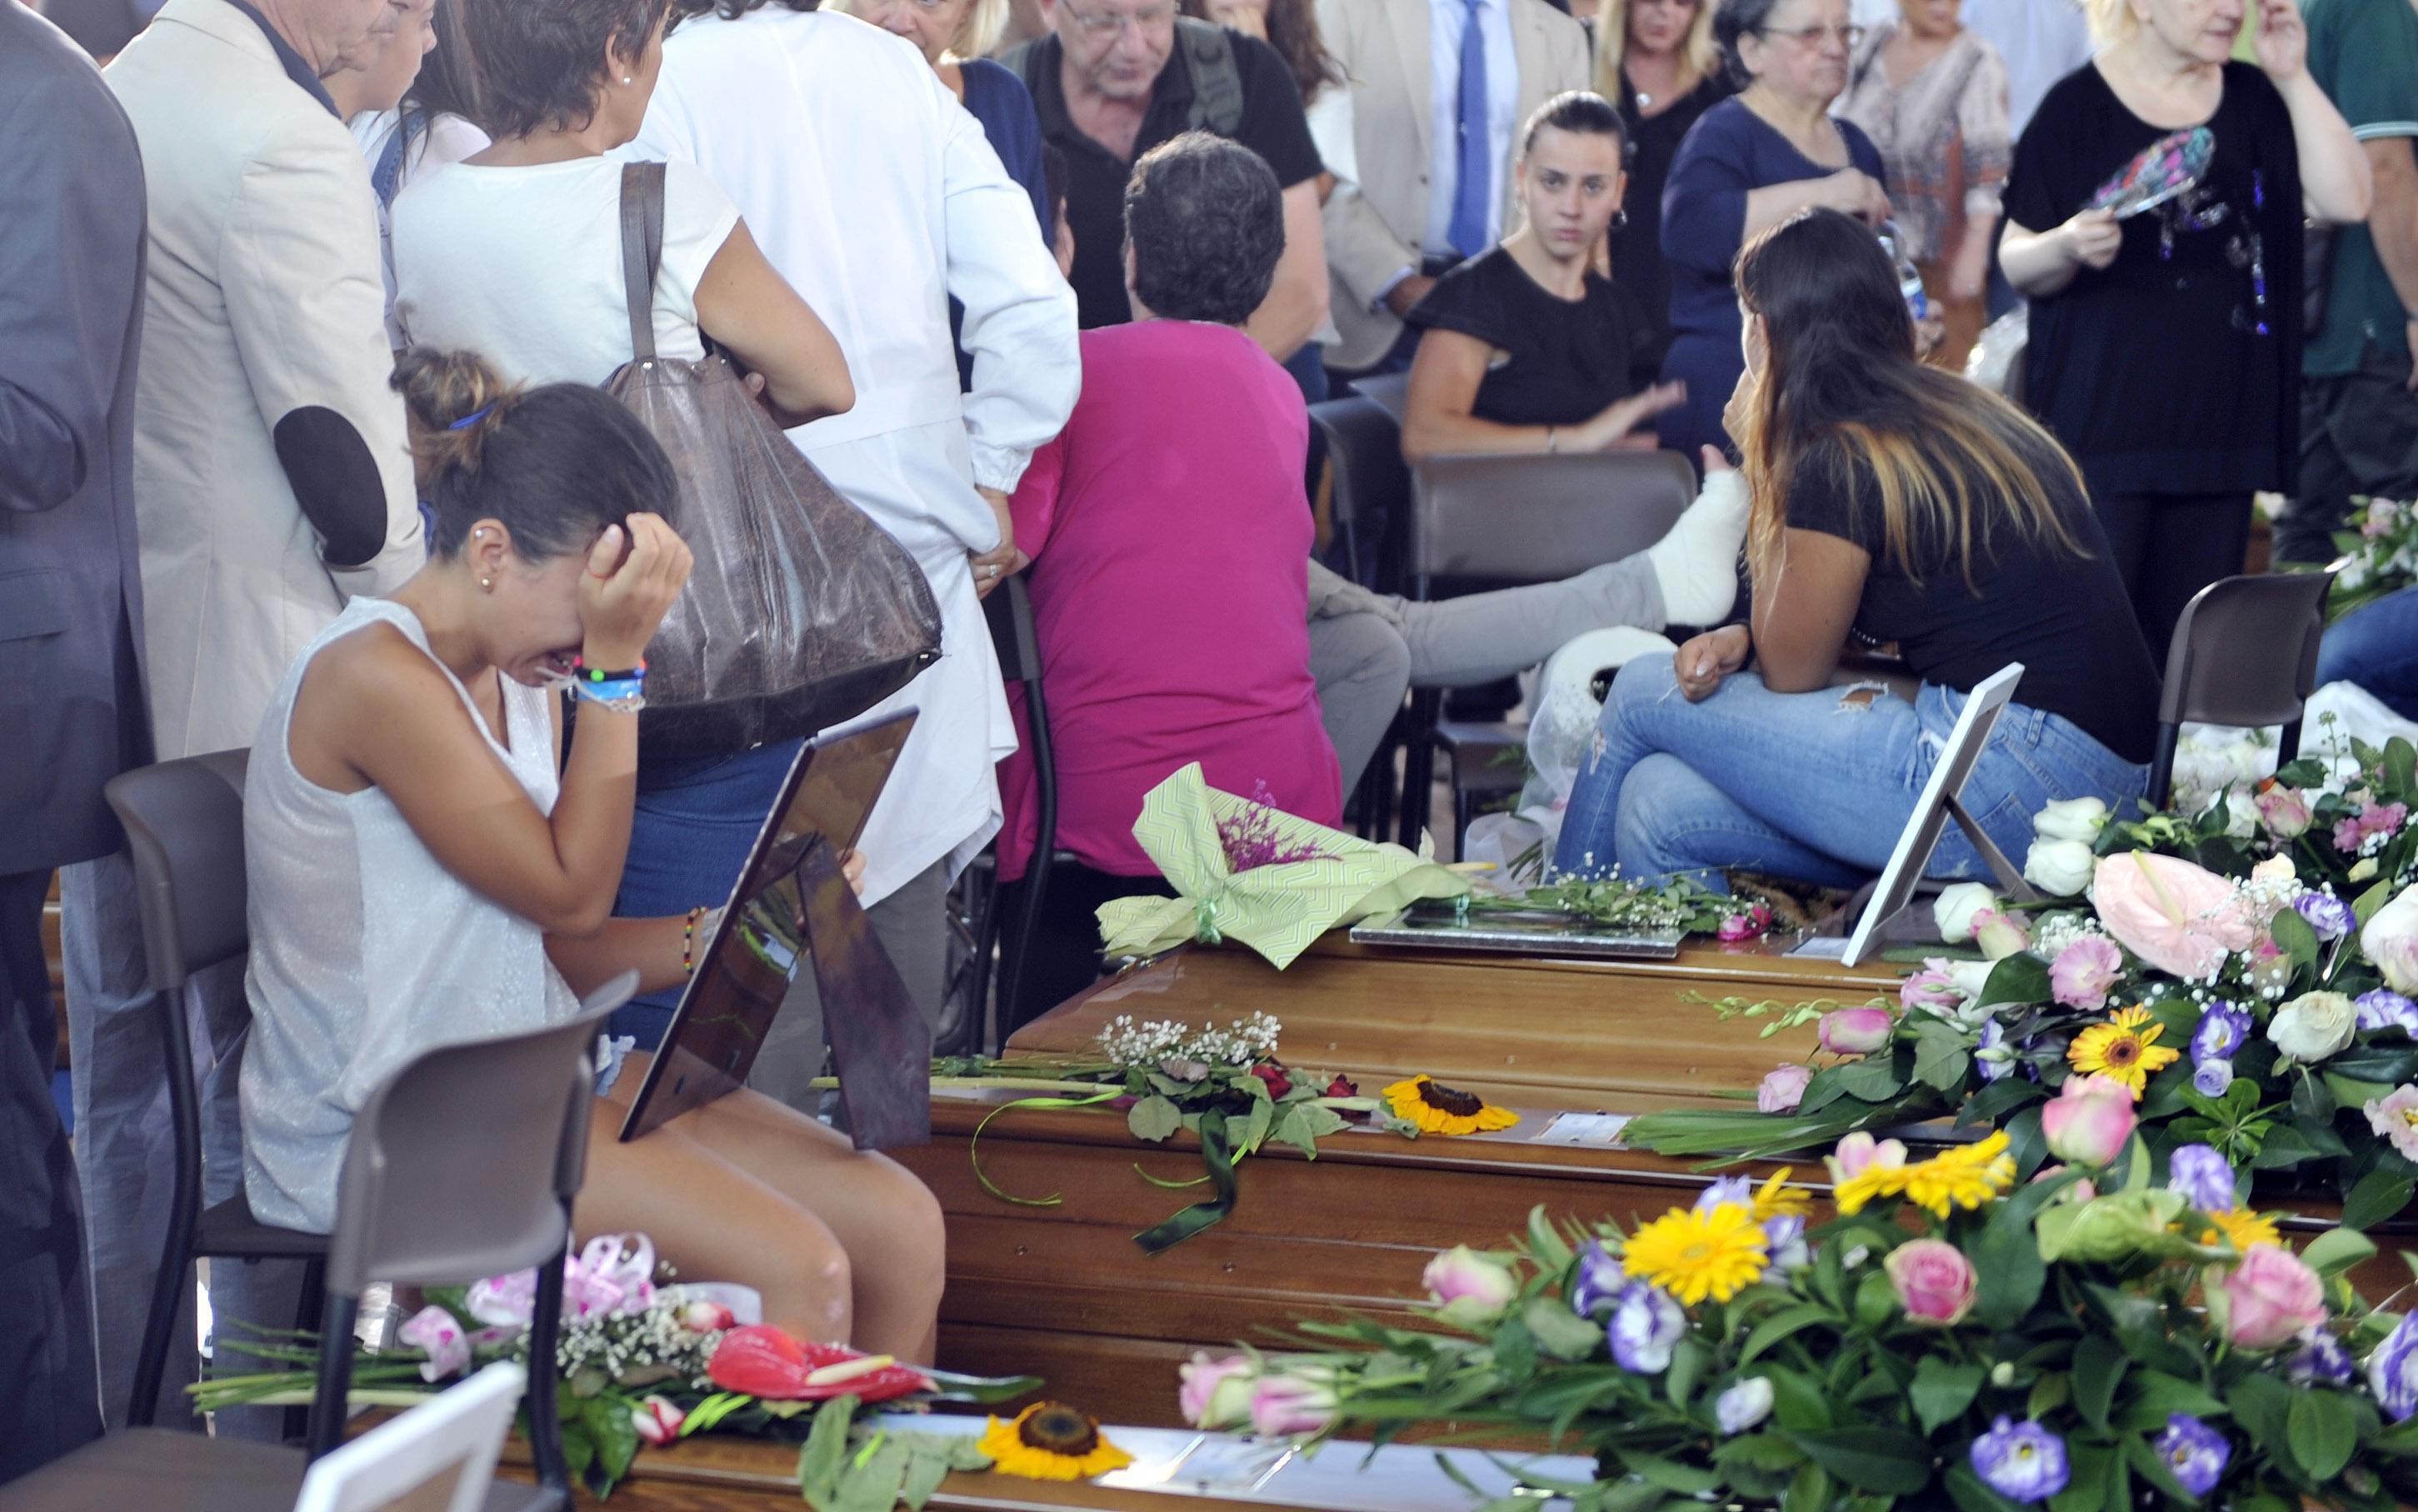 Sisma: celebrati funerali vittime, bilancio sale a 290 morti